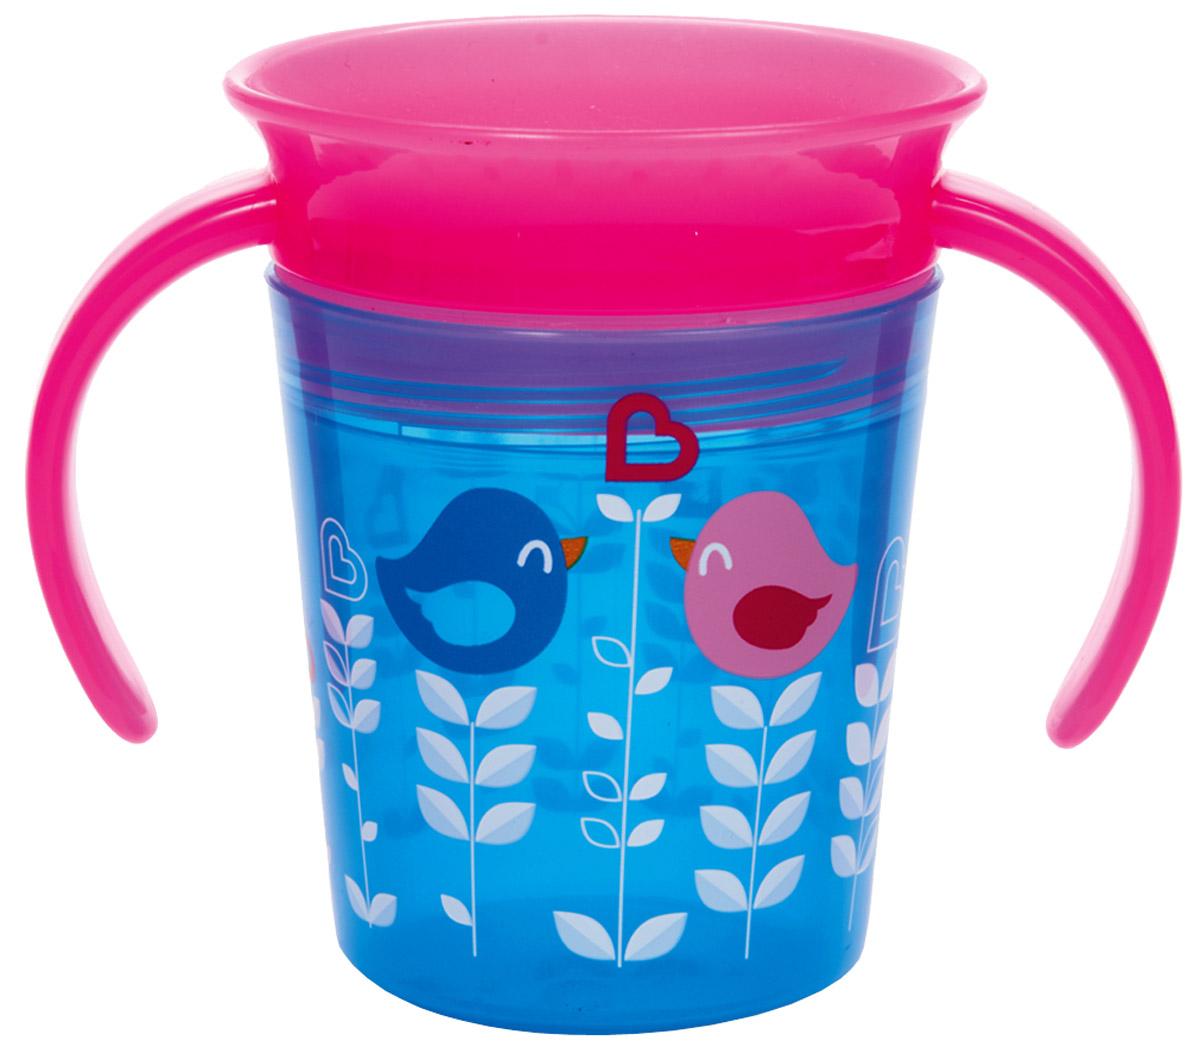 Munchkin Поильник-непроливайка Deco от 6 месяцев цвет голубой розовый 177 мл